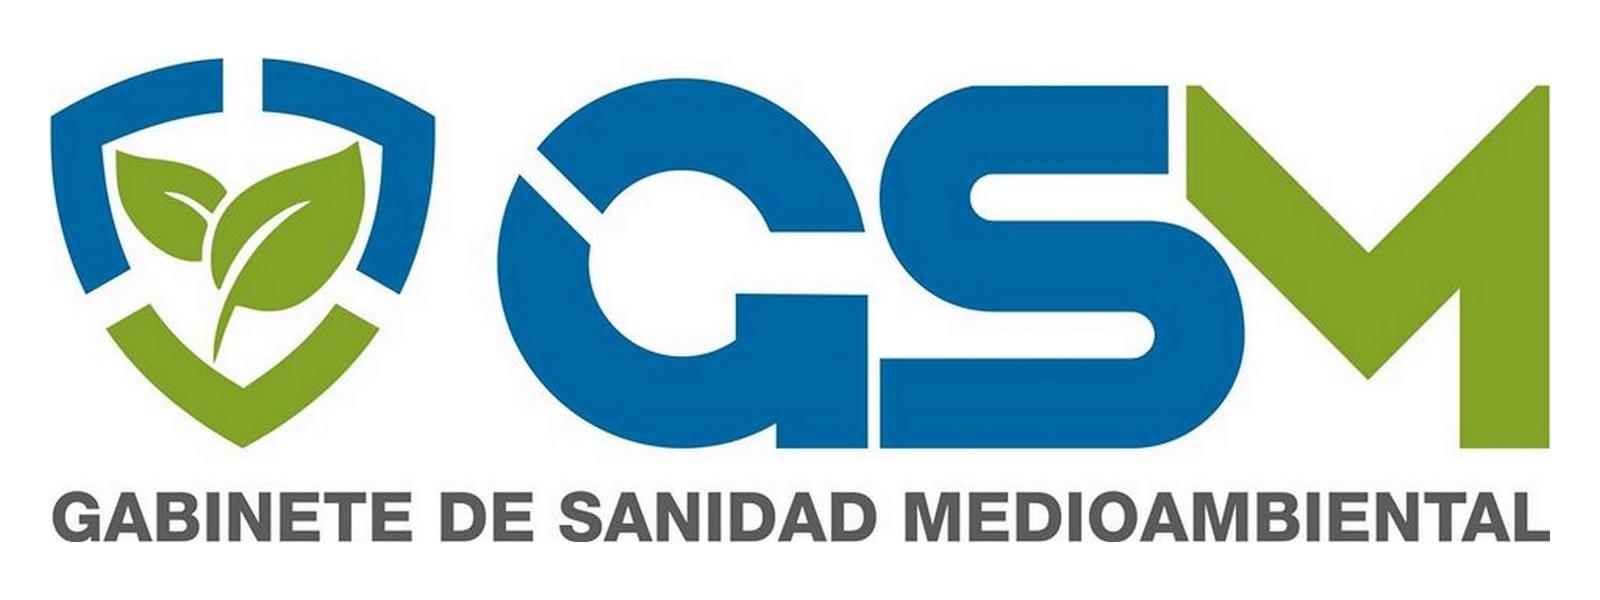 Gabinete de Sanidad Medioambiental (GSM)